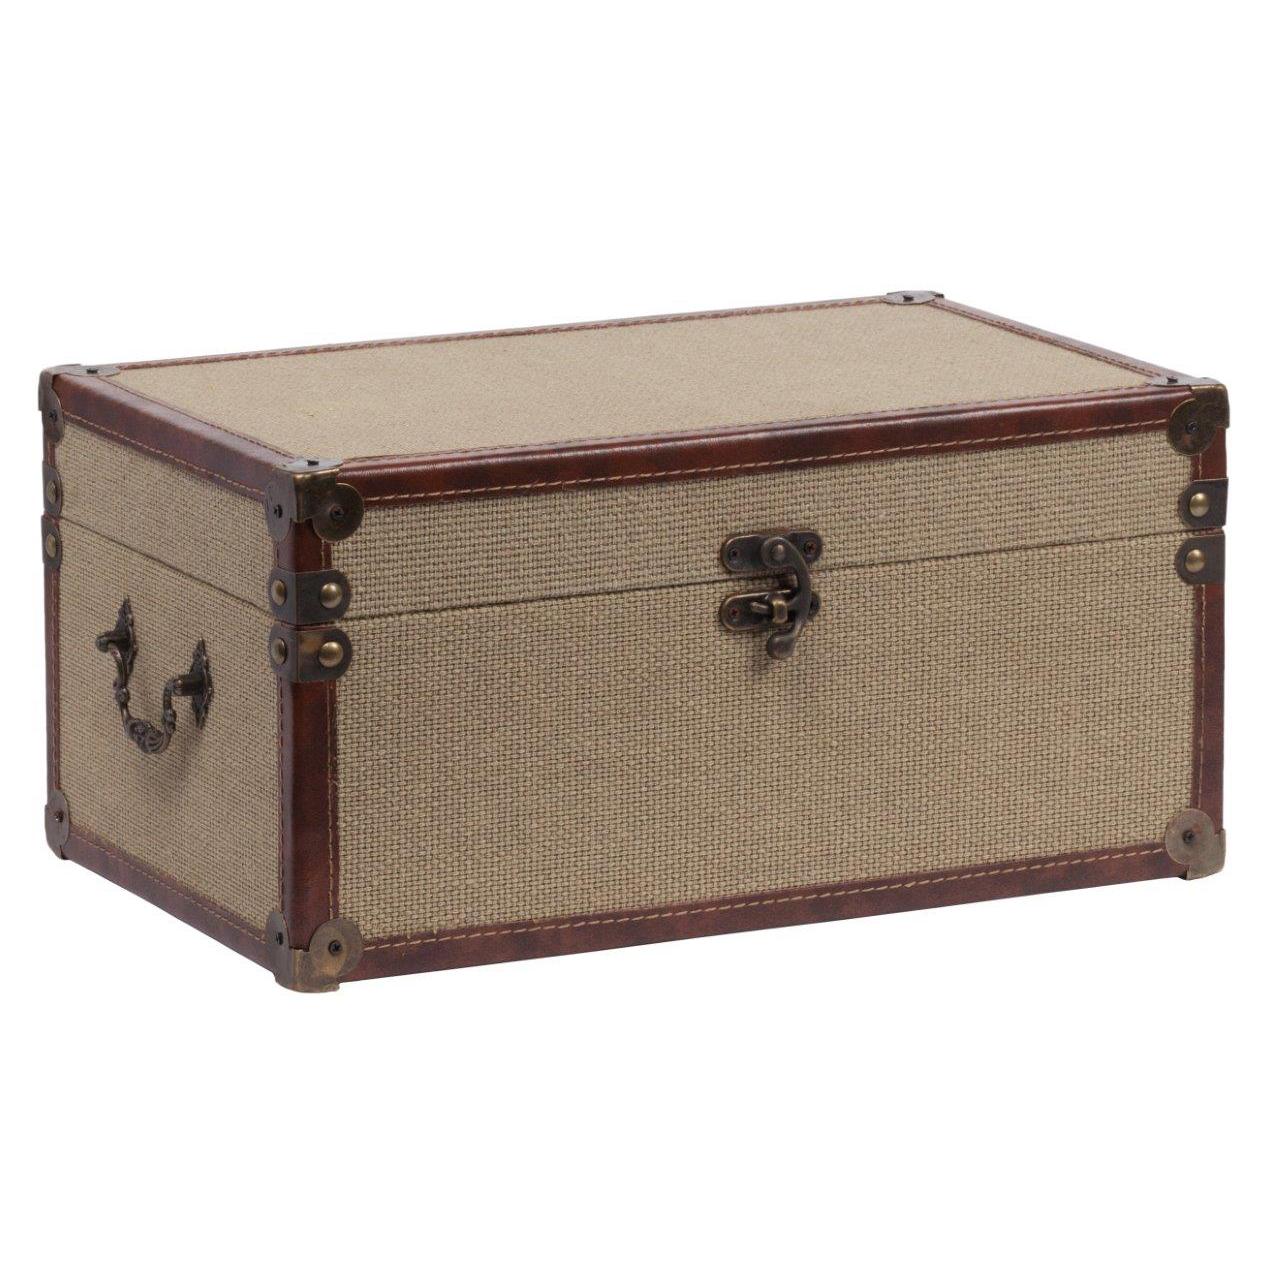 Купить Декоративный чемодан для хранения Malkinson Piccolo в интернет магазине дизайнерской мебели и аксессуаров для дома и дачи